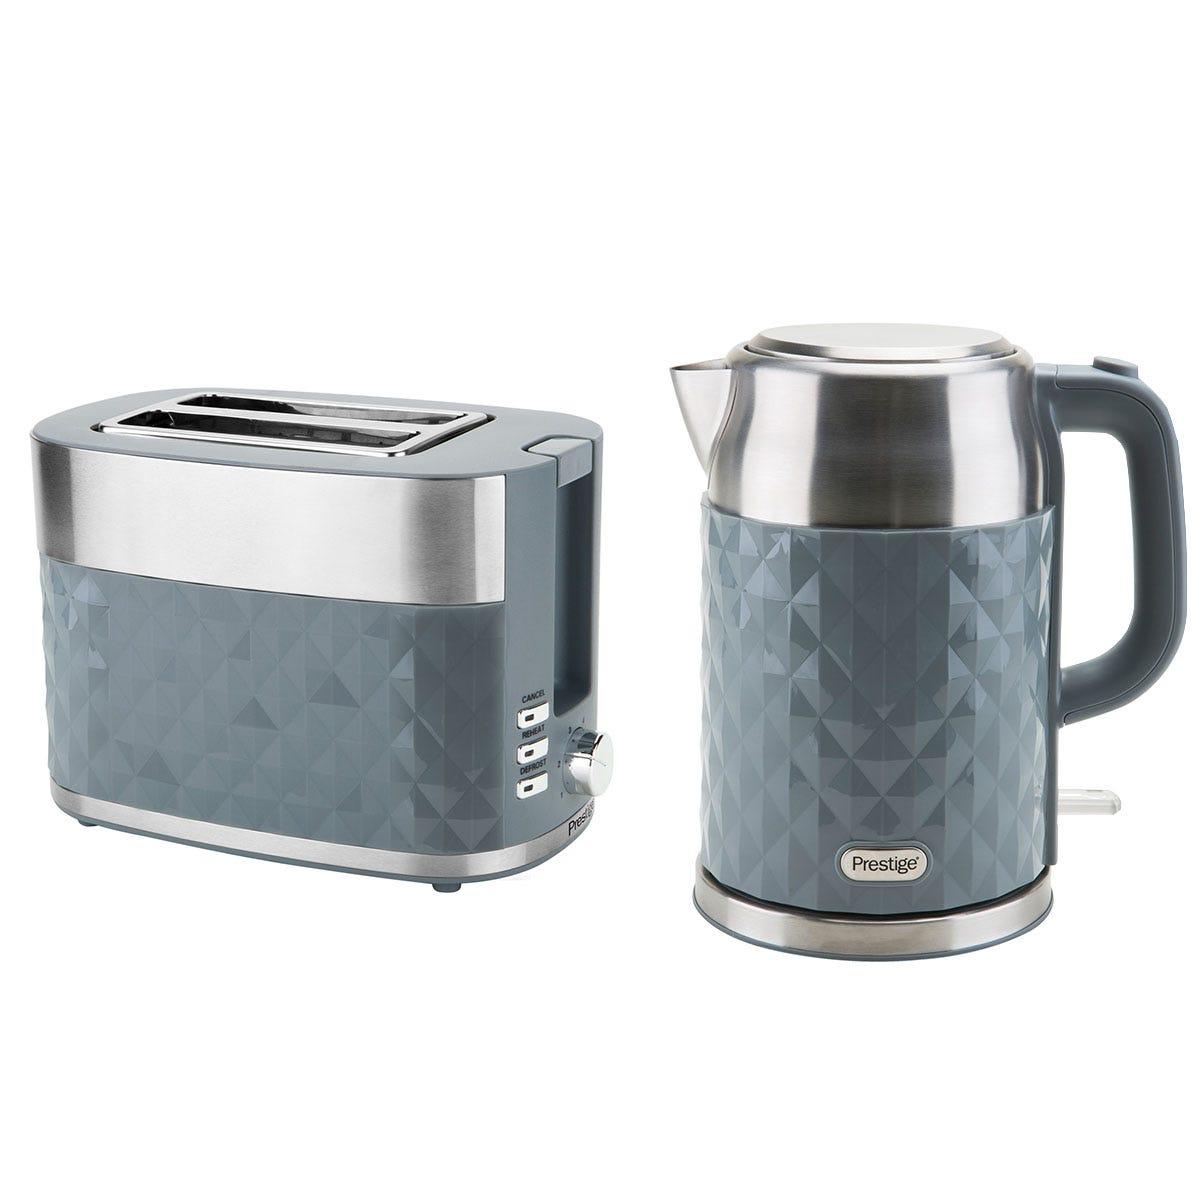 Prestige 66761 Prism 1.7L Kettle and 2-Slice Toaster Set - Grey